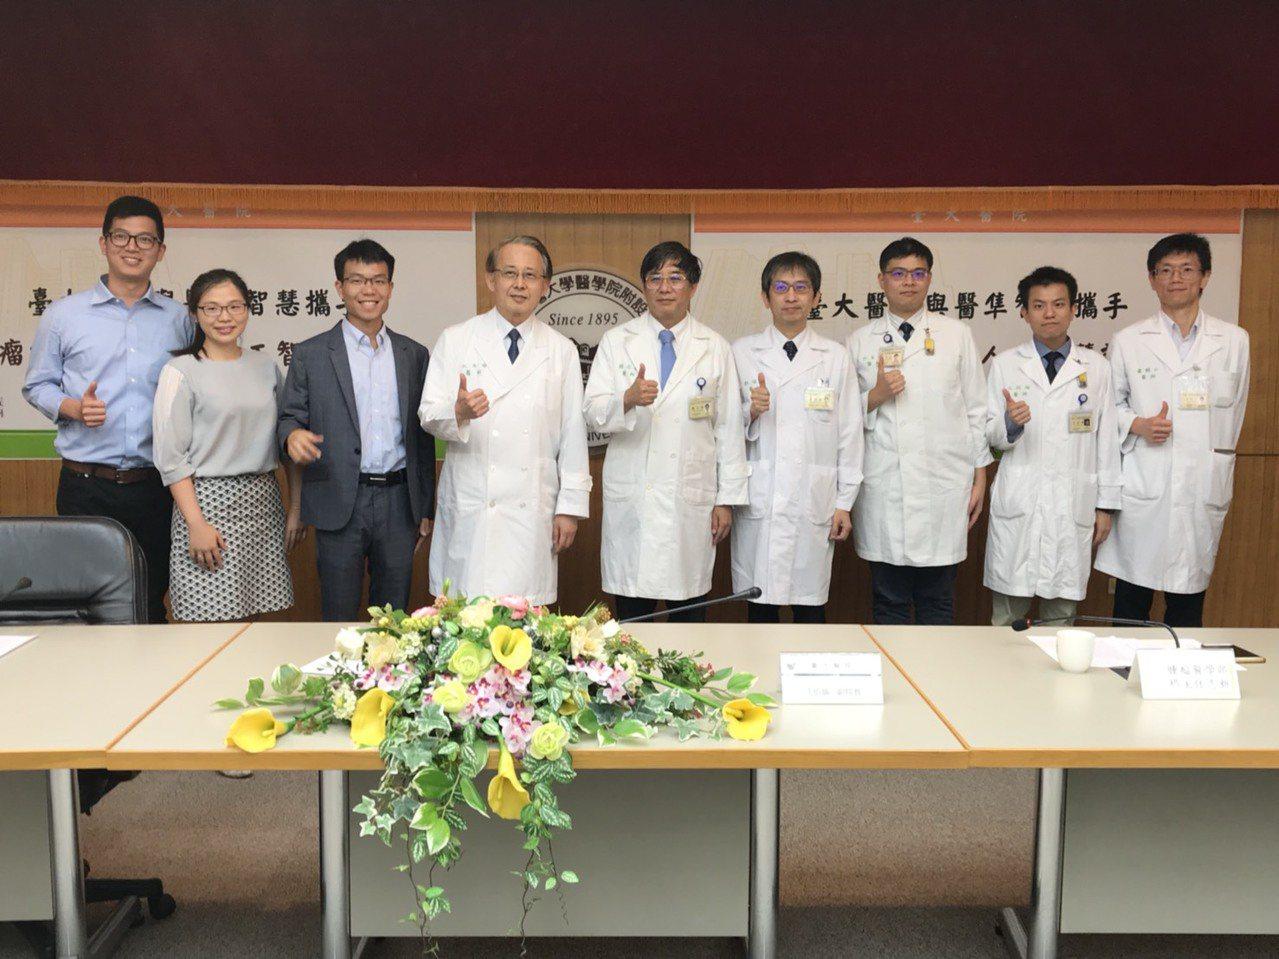 台大醫院與醫隼智慧共同合作,成功整合人工智慧系統於腦瘤放射手術的治療流程,系統可...